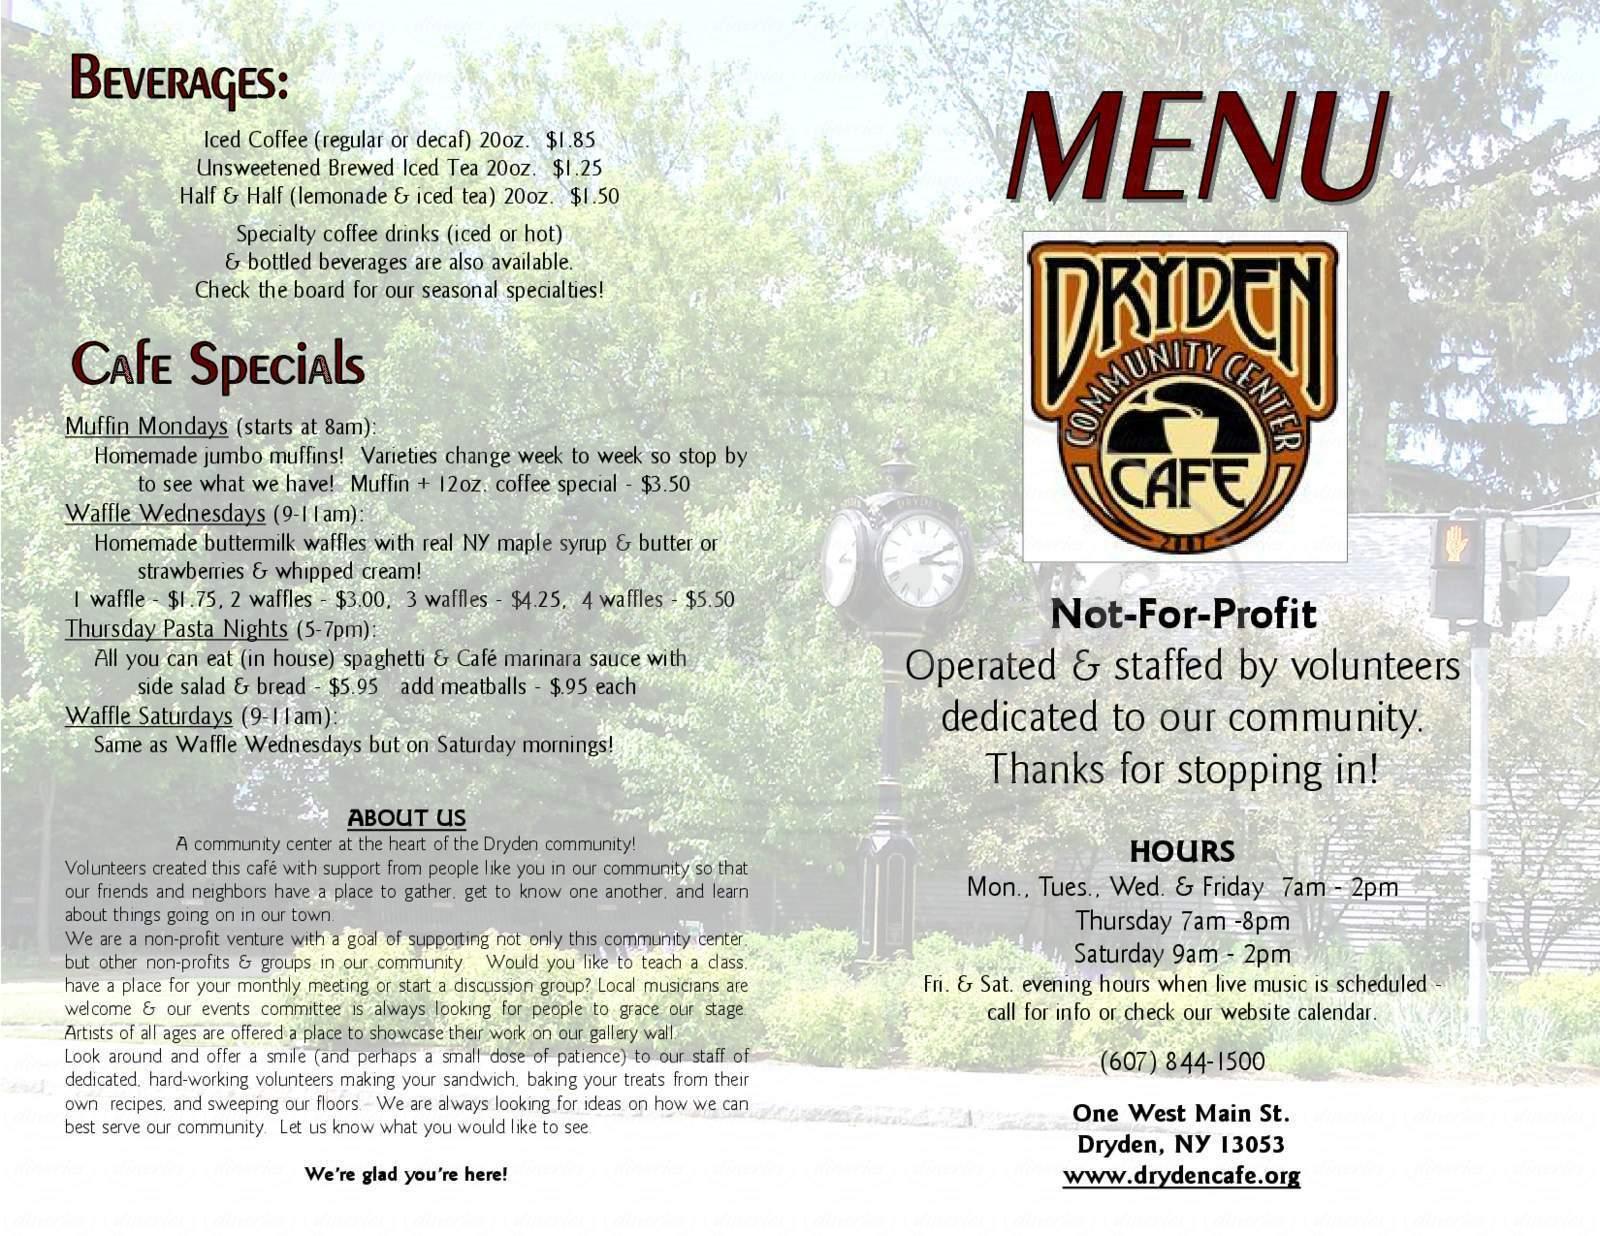 menu for Dryden Community Center Cafe